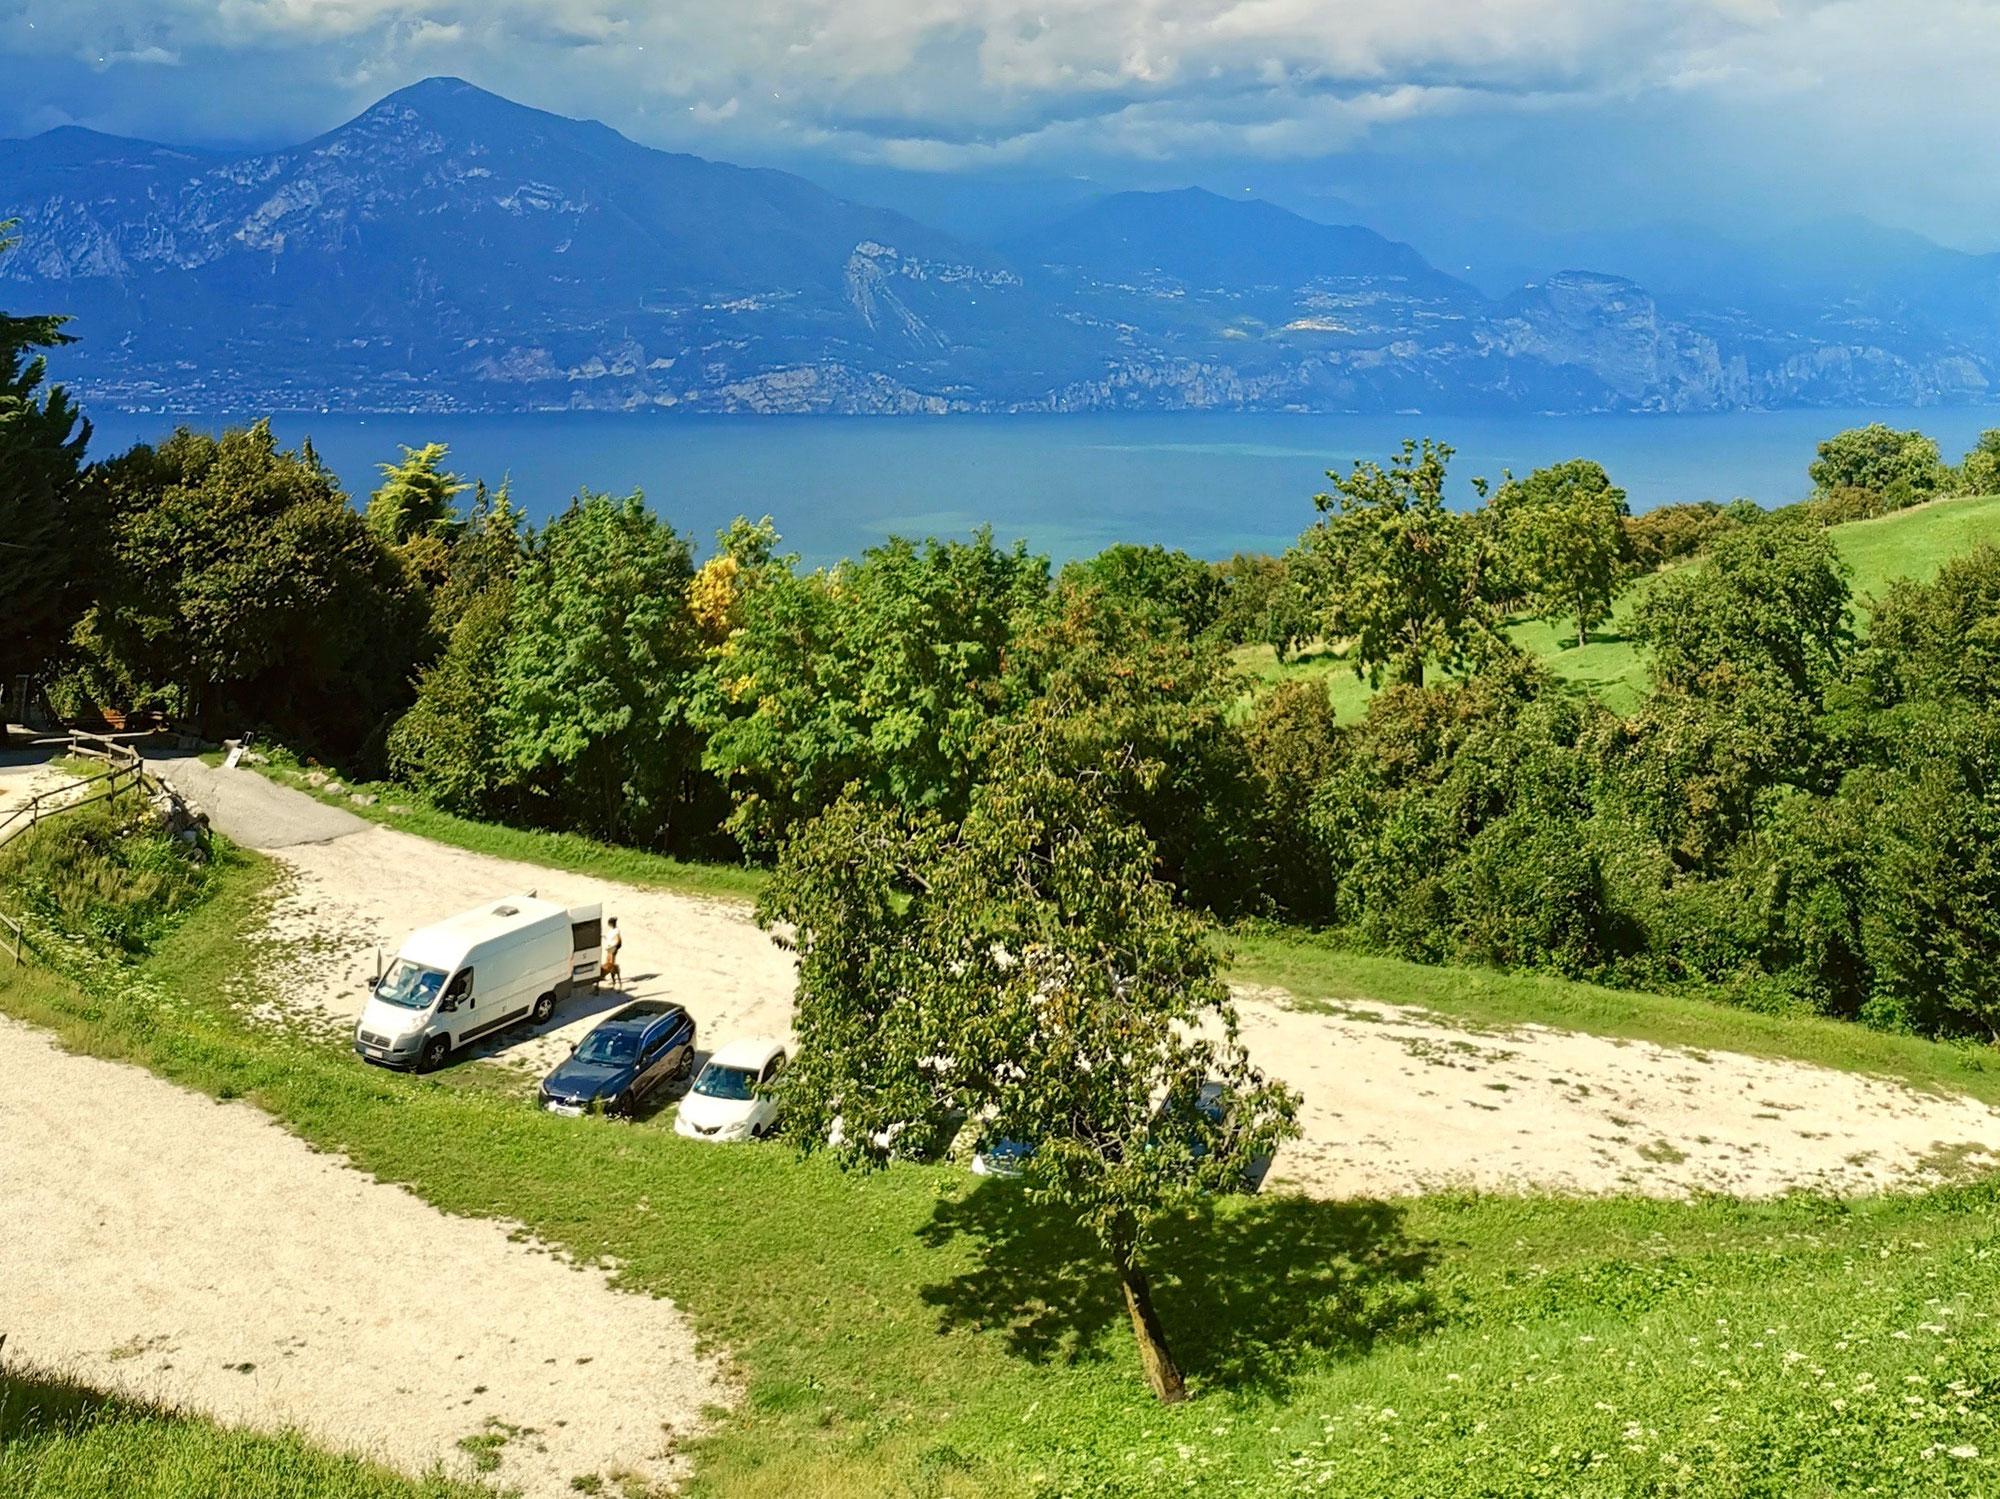 Freistehen mit dem Wohnmobil am Gardasee - geht das überhaupt?